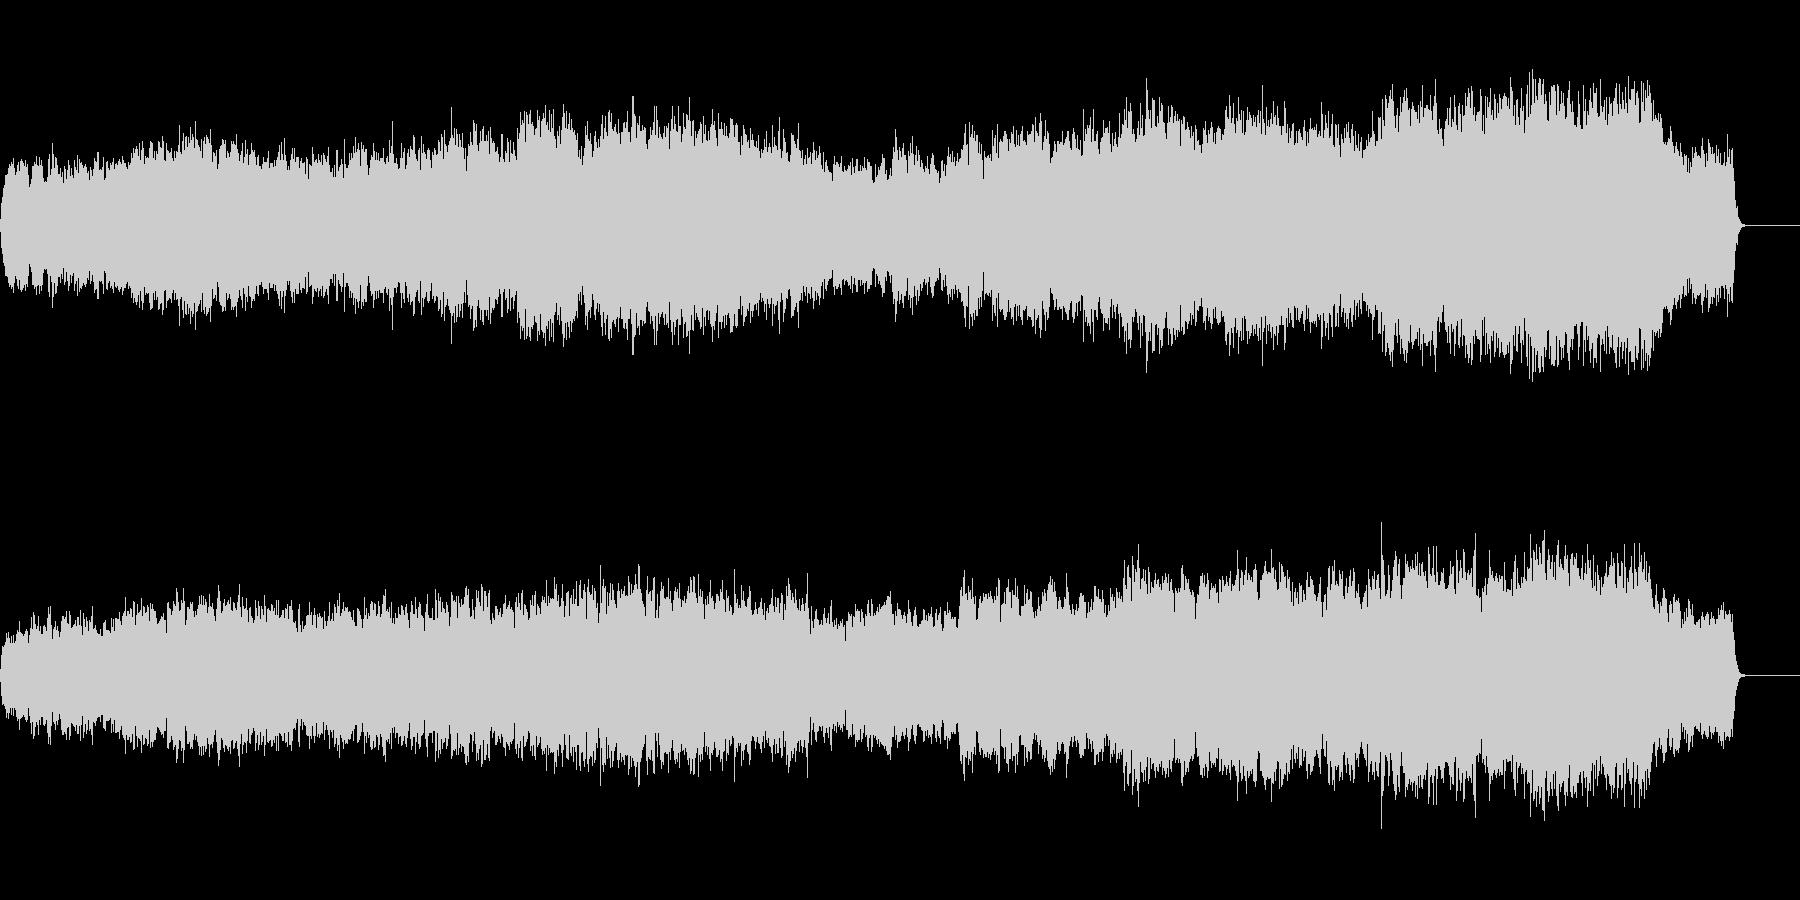 エニグマ変奏曲よりニムロッドの未再生の波形